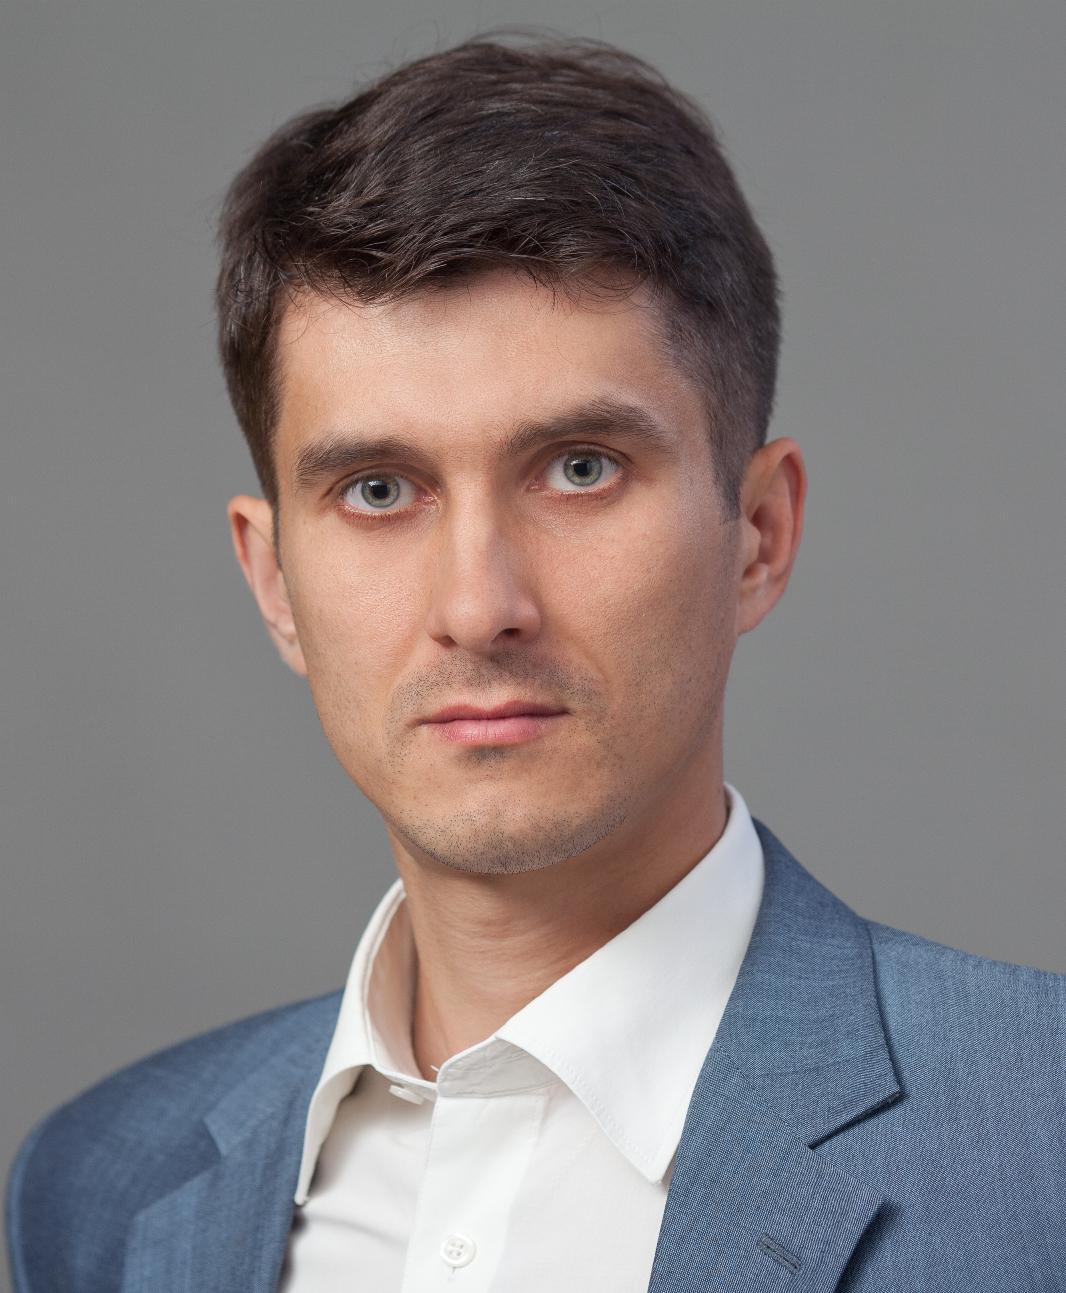 Артура Ефремова предлагают в председатели муниципалитета Ярославля